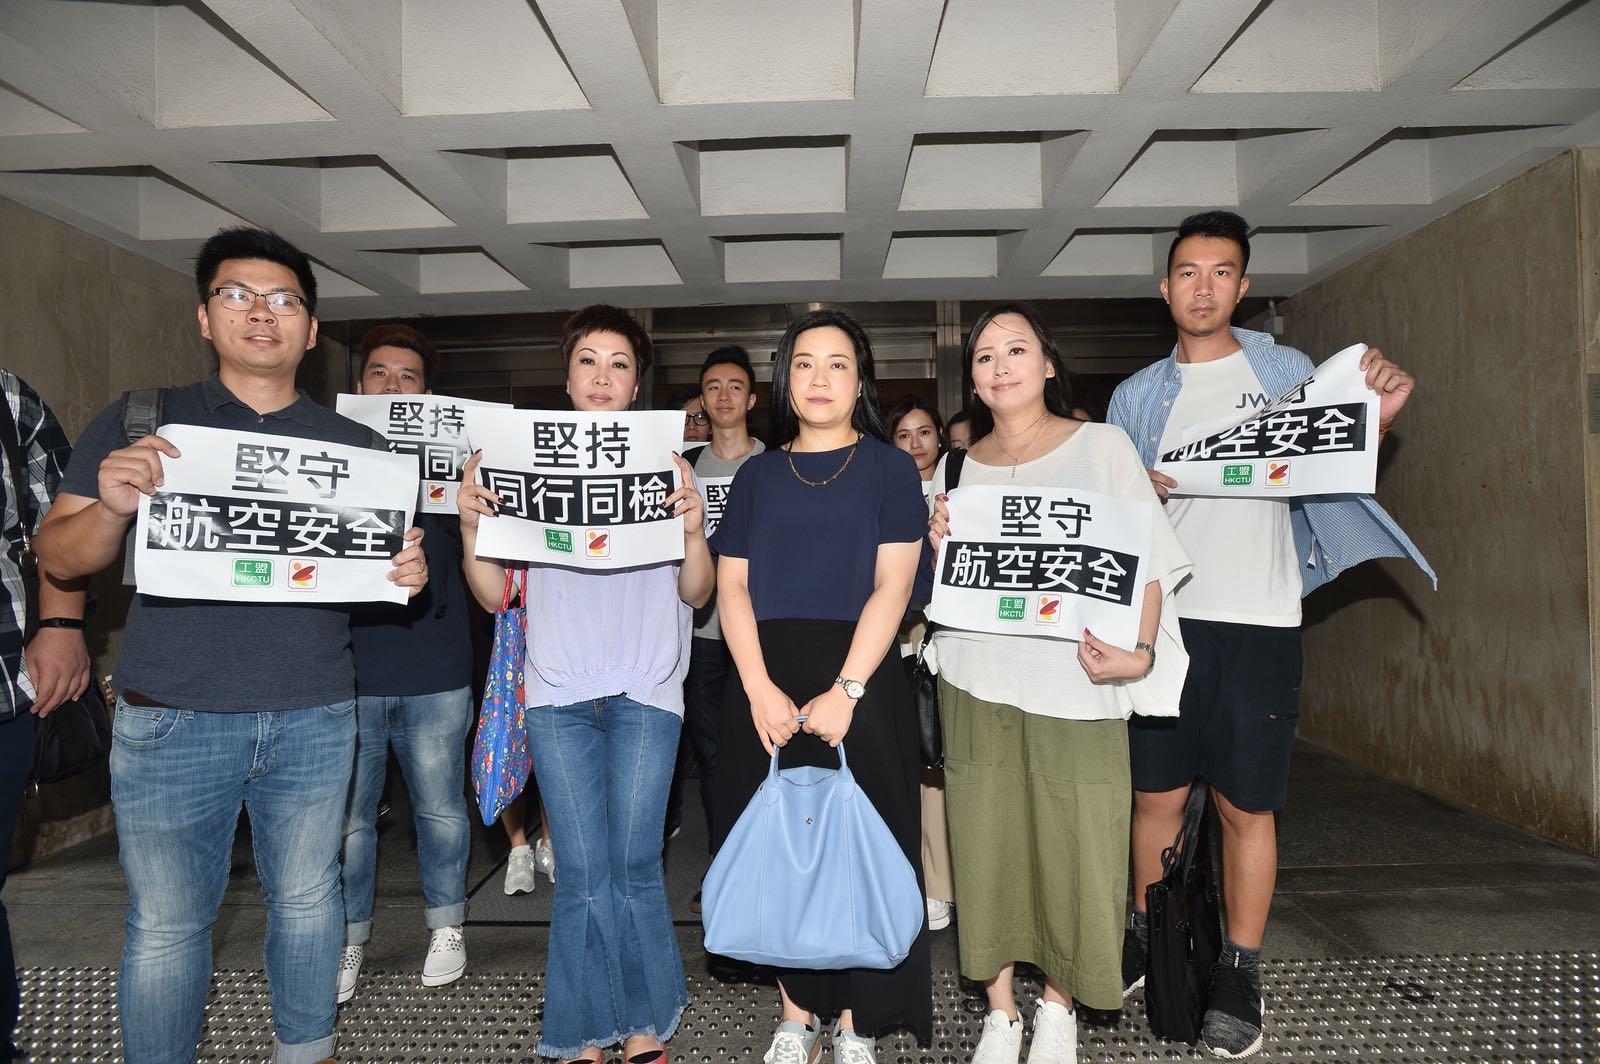 香港空勤人員總會到場聲援。郭顯熙攝